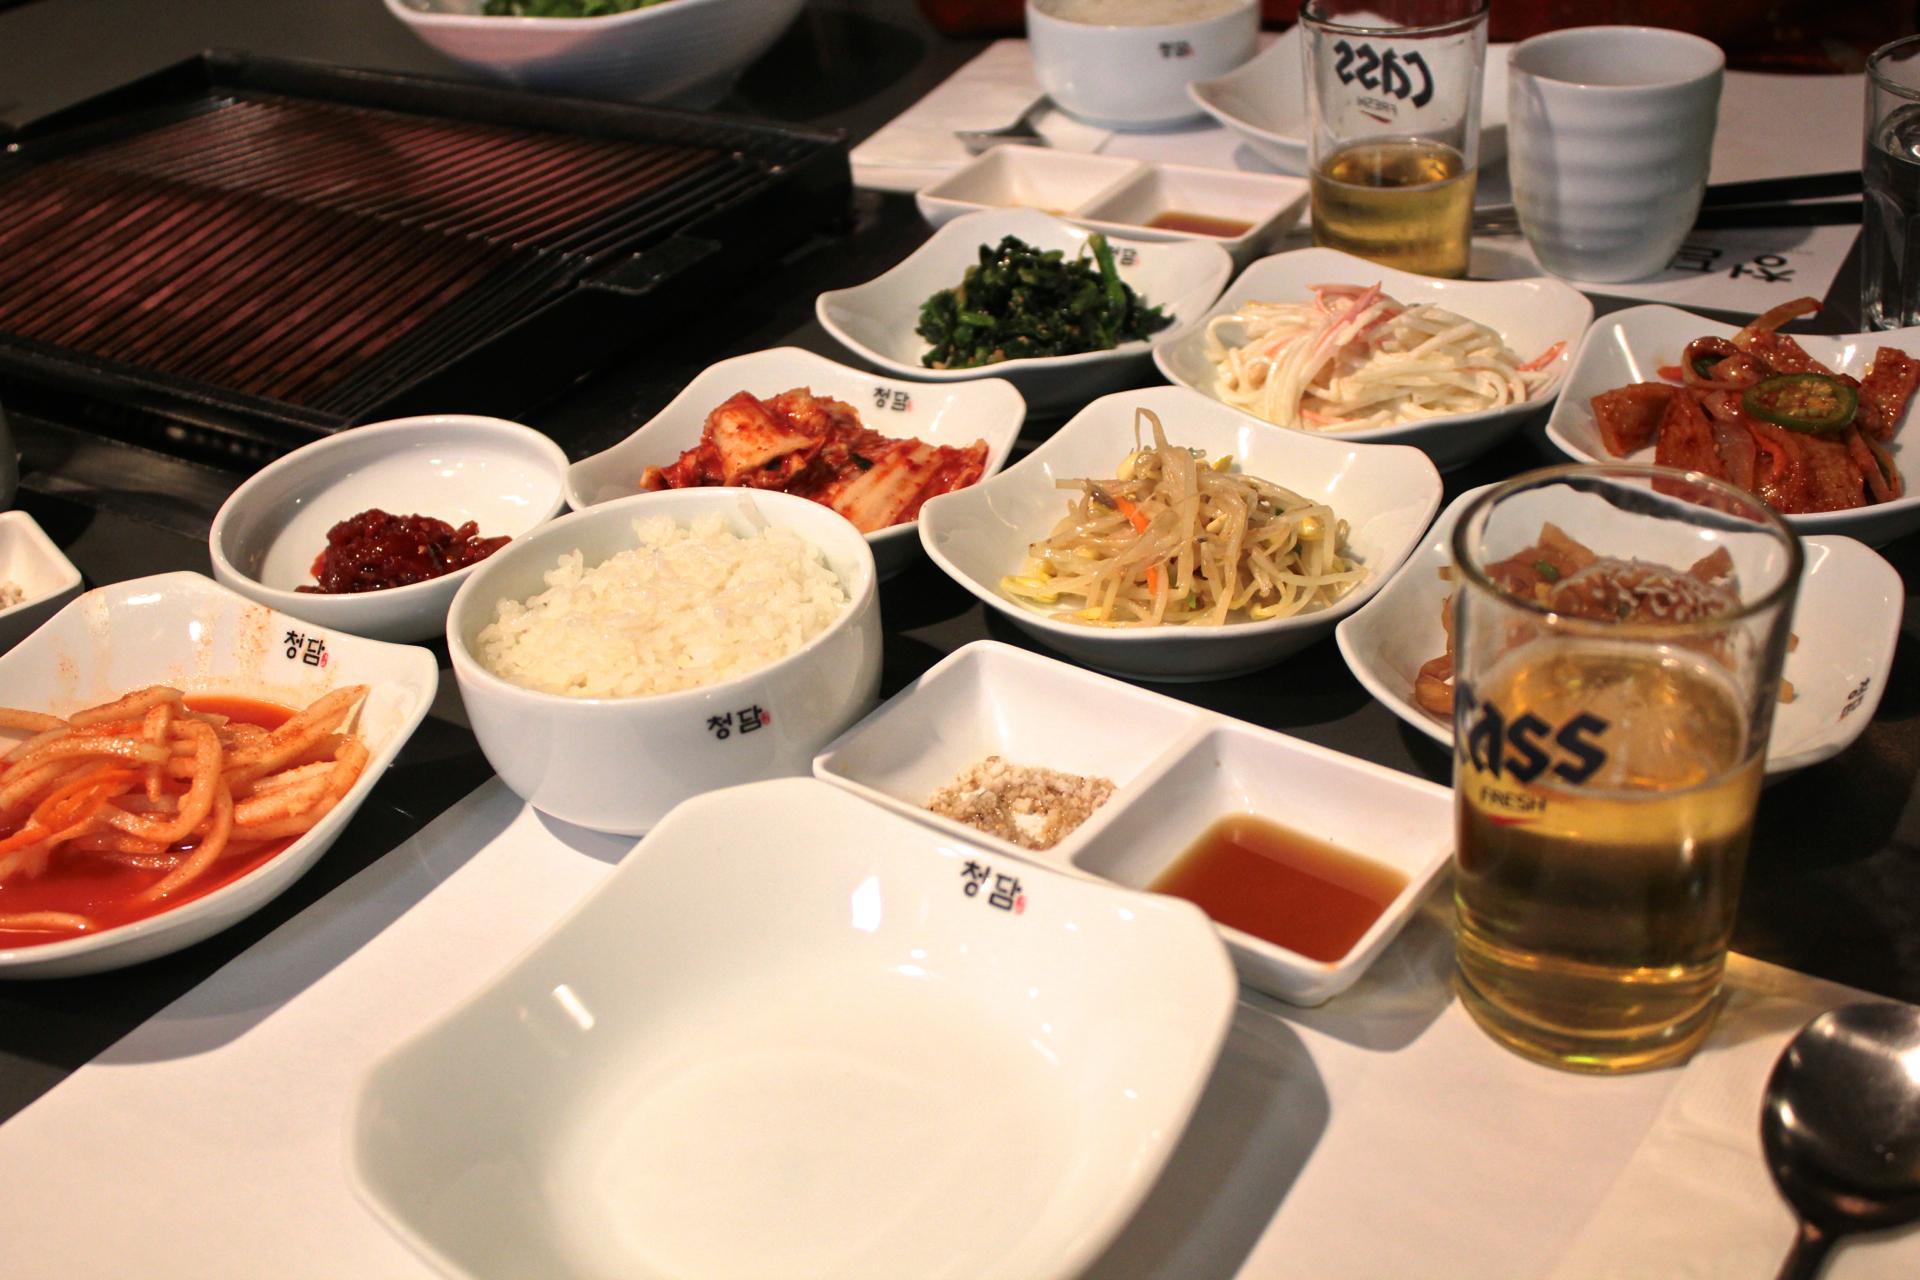 The banchan selections at Chungdam.